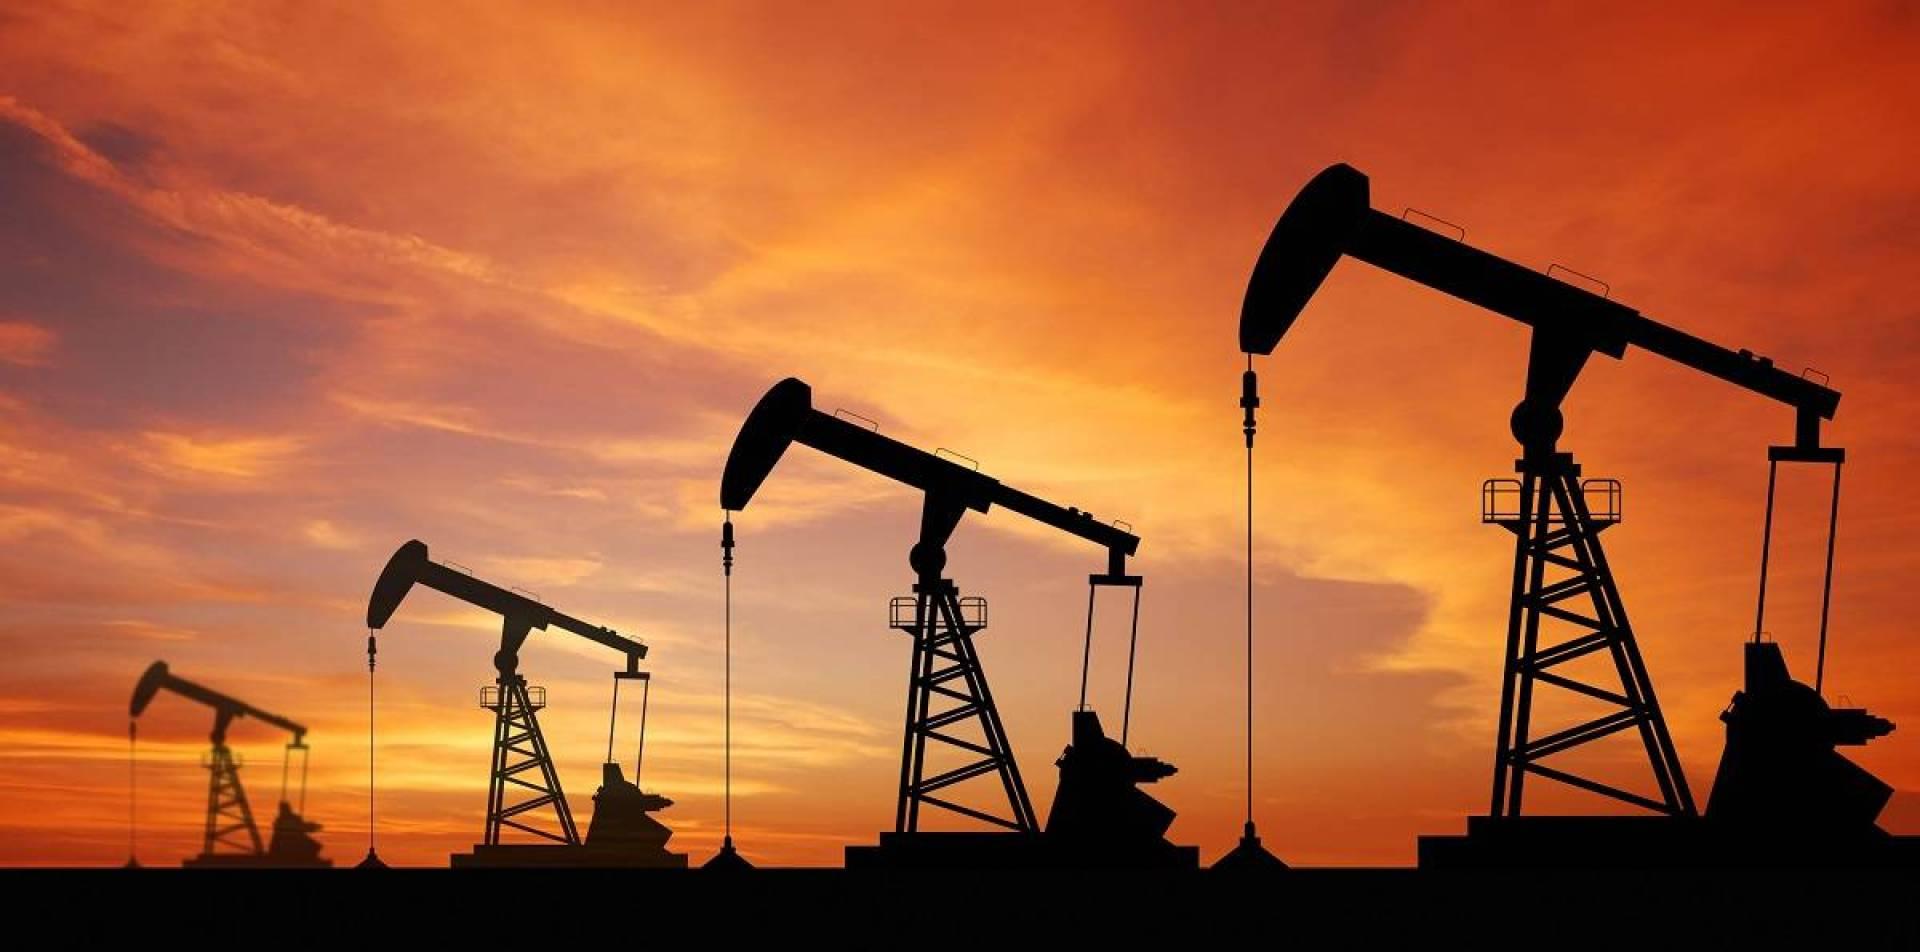 النفط يهبط للأسبوع الرابع والخام الأميركي يتكبد أشد خسارة أسبوعية منذ 1991